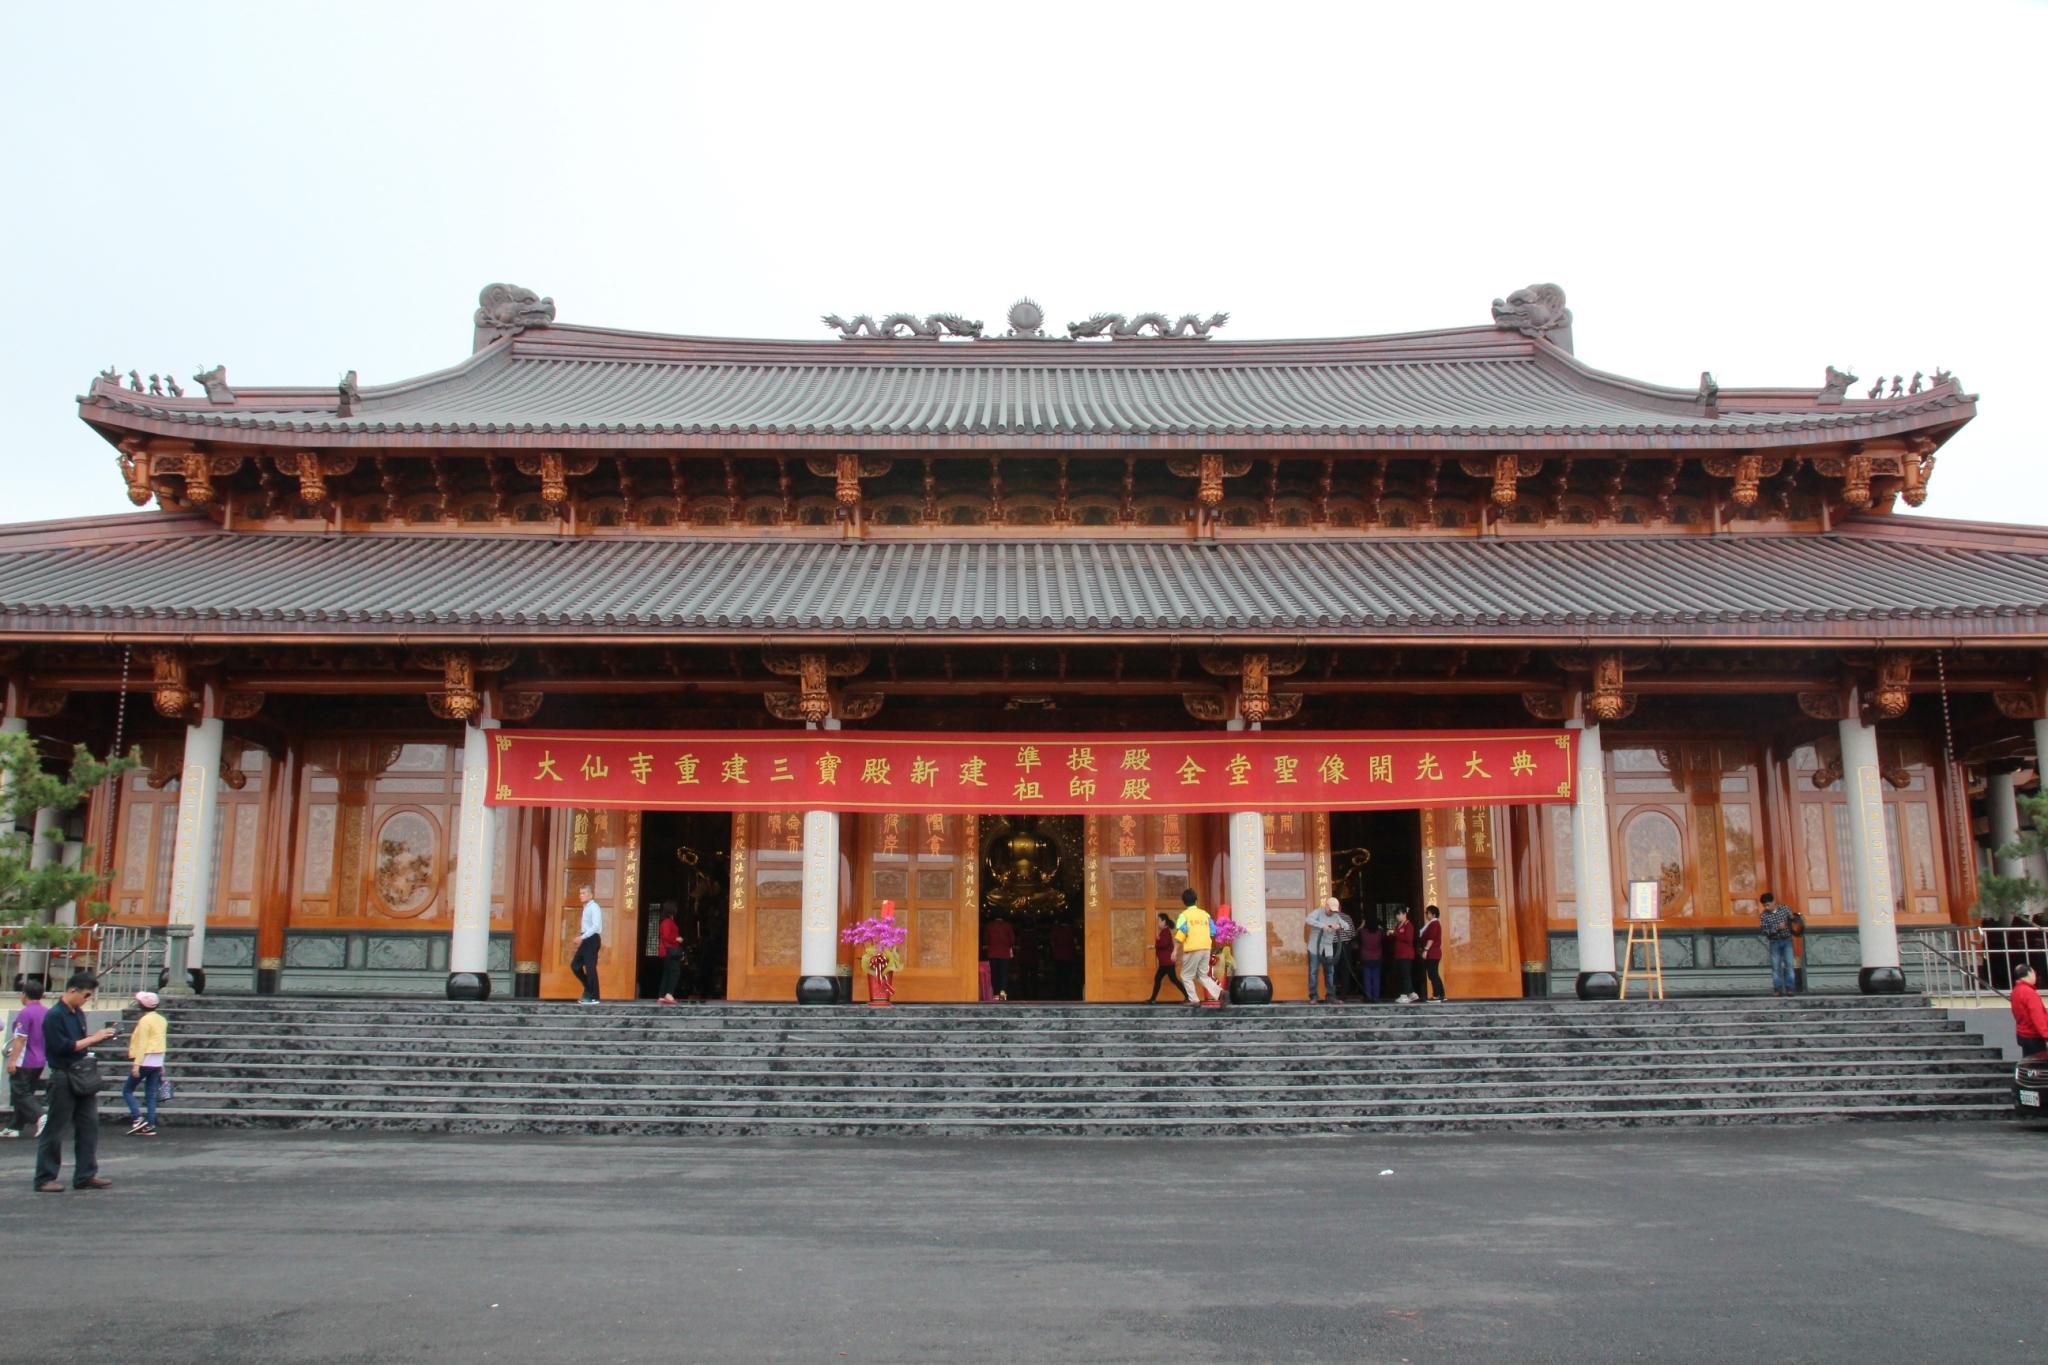 大仙寺正面照片